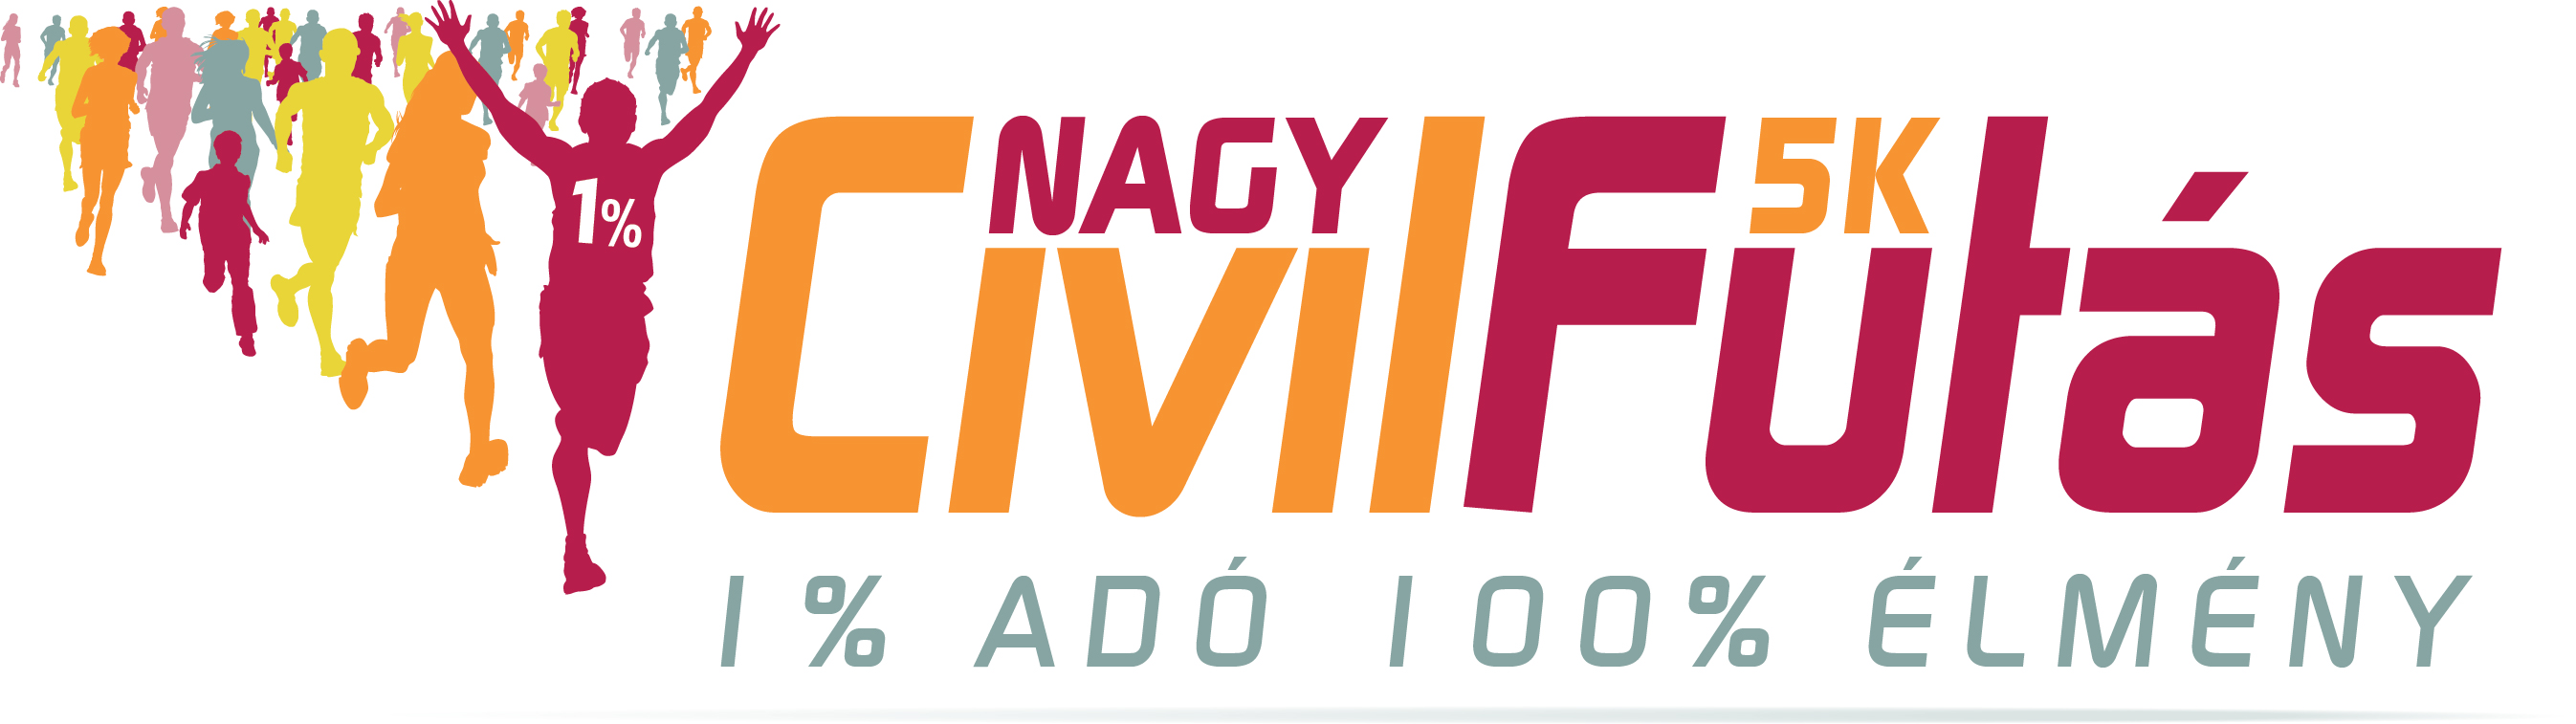 nagycivilfutas_logo_5k_1.jpg